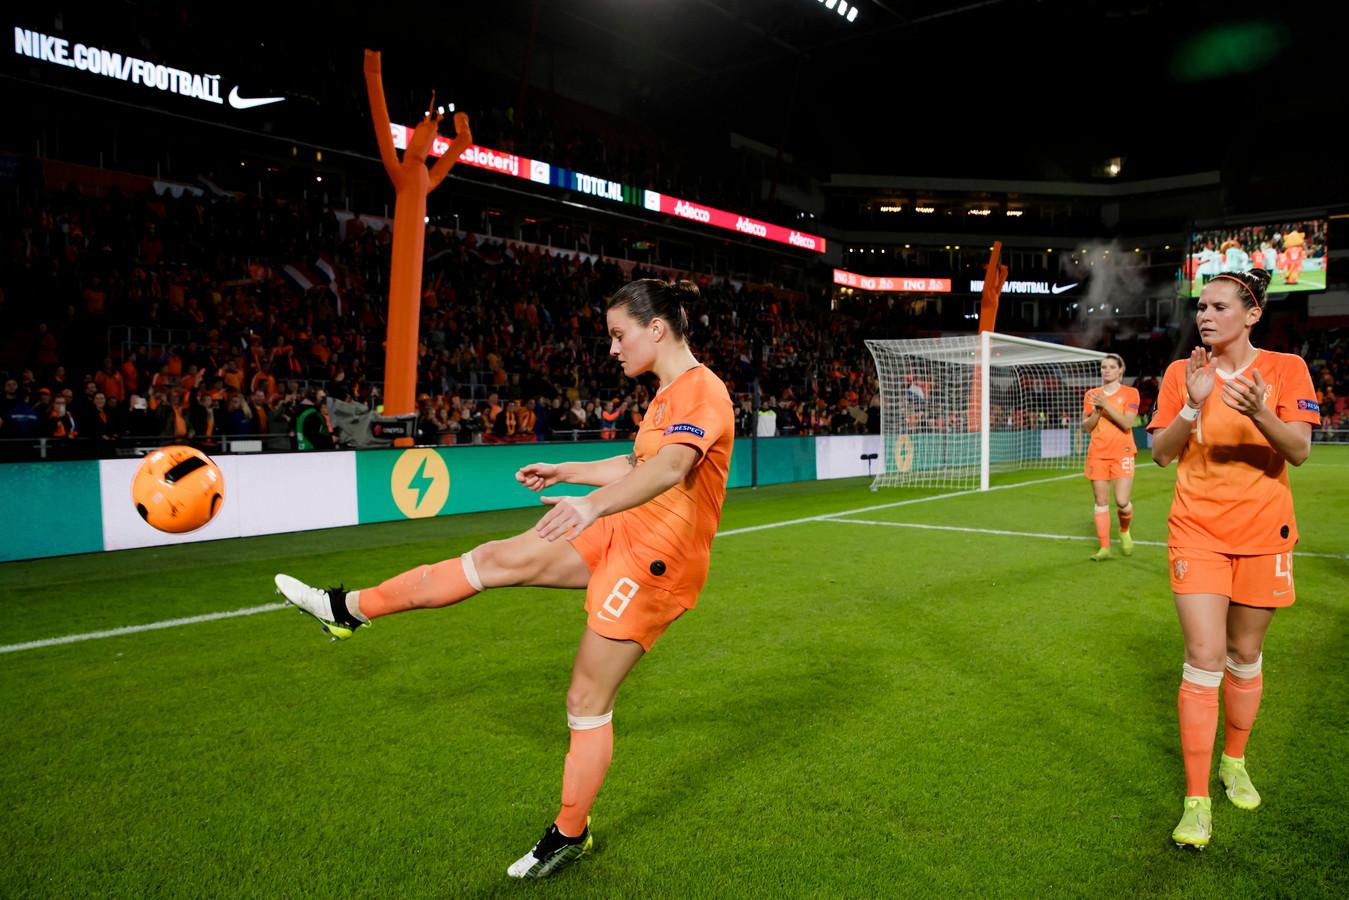 Sherida Spitse trapt een bal het publiek in tijdens de laatste kwalificatiewedstrijd van de Leeuwinnen in Eindhoven, toen Rusland met 2-0 verslagen werd.